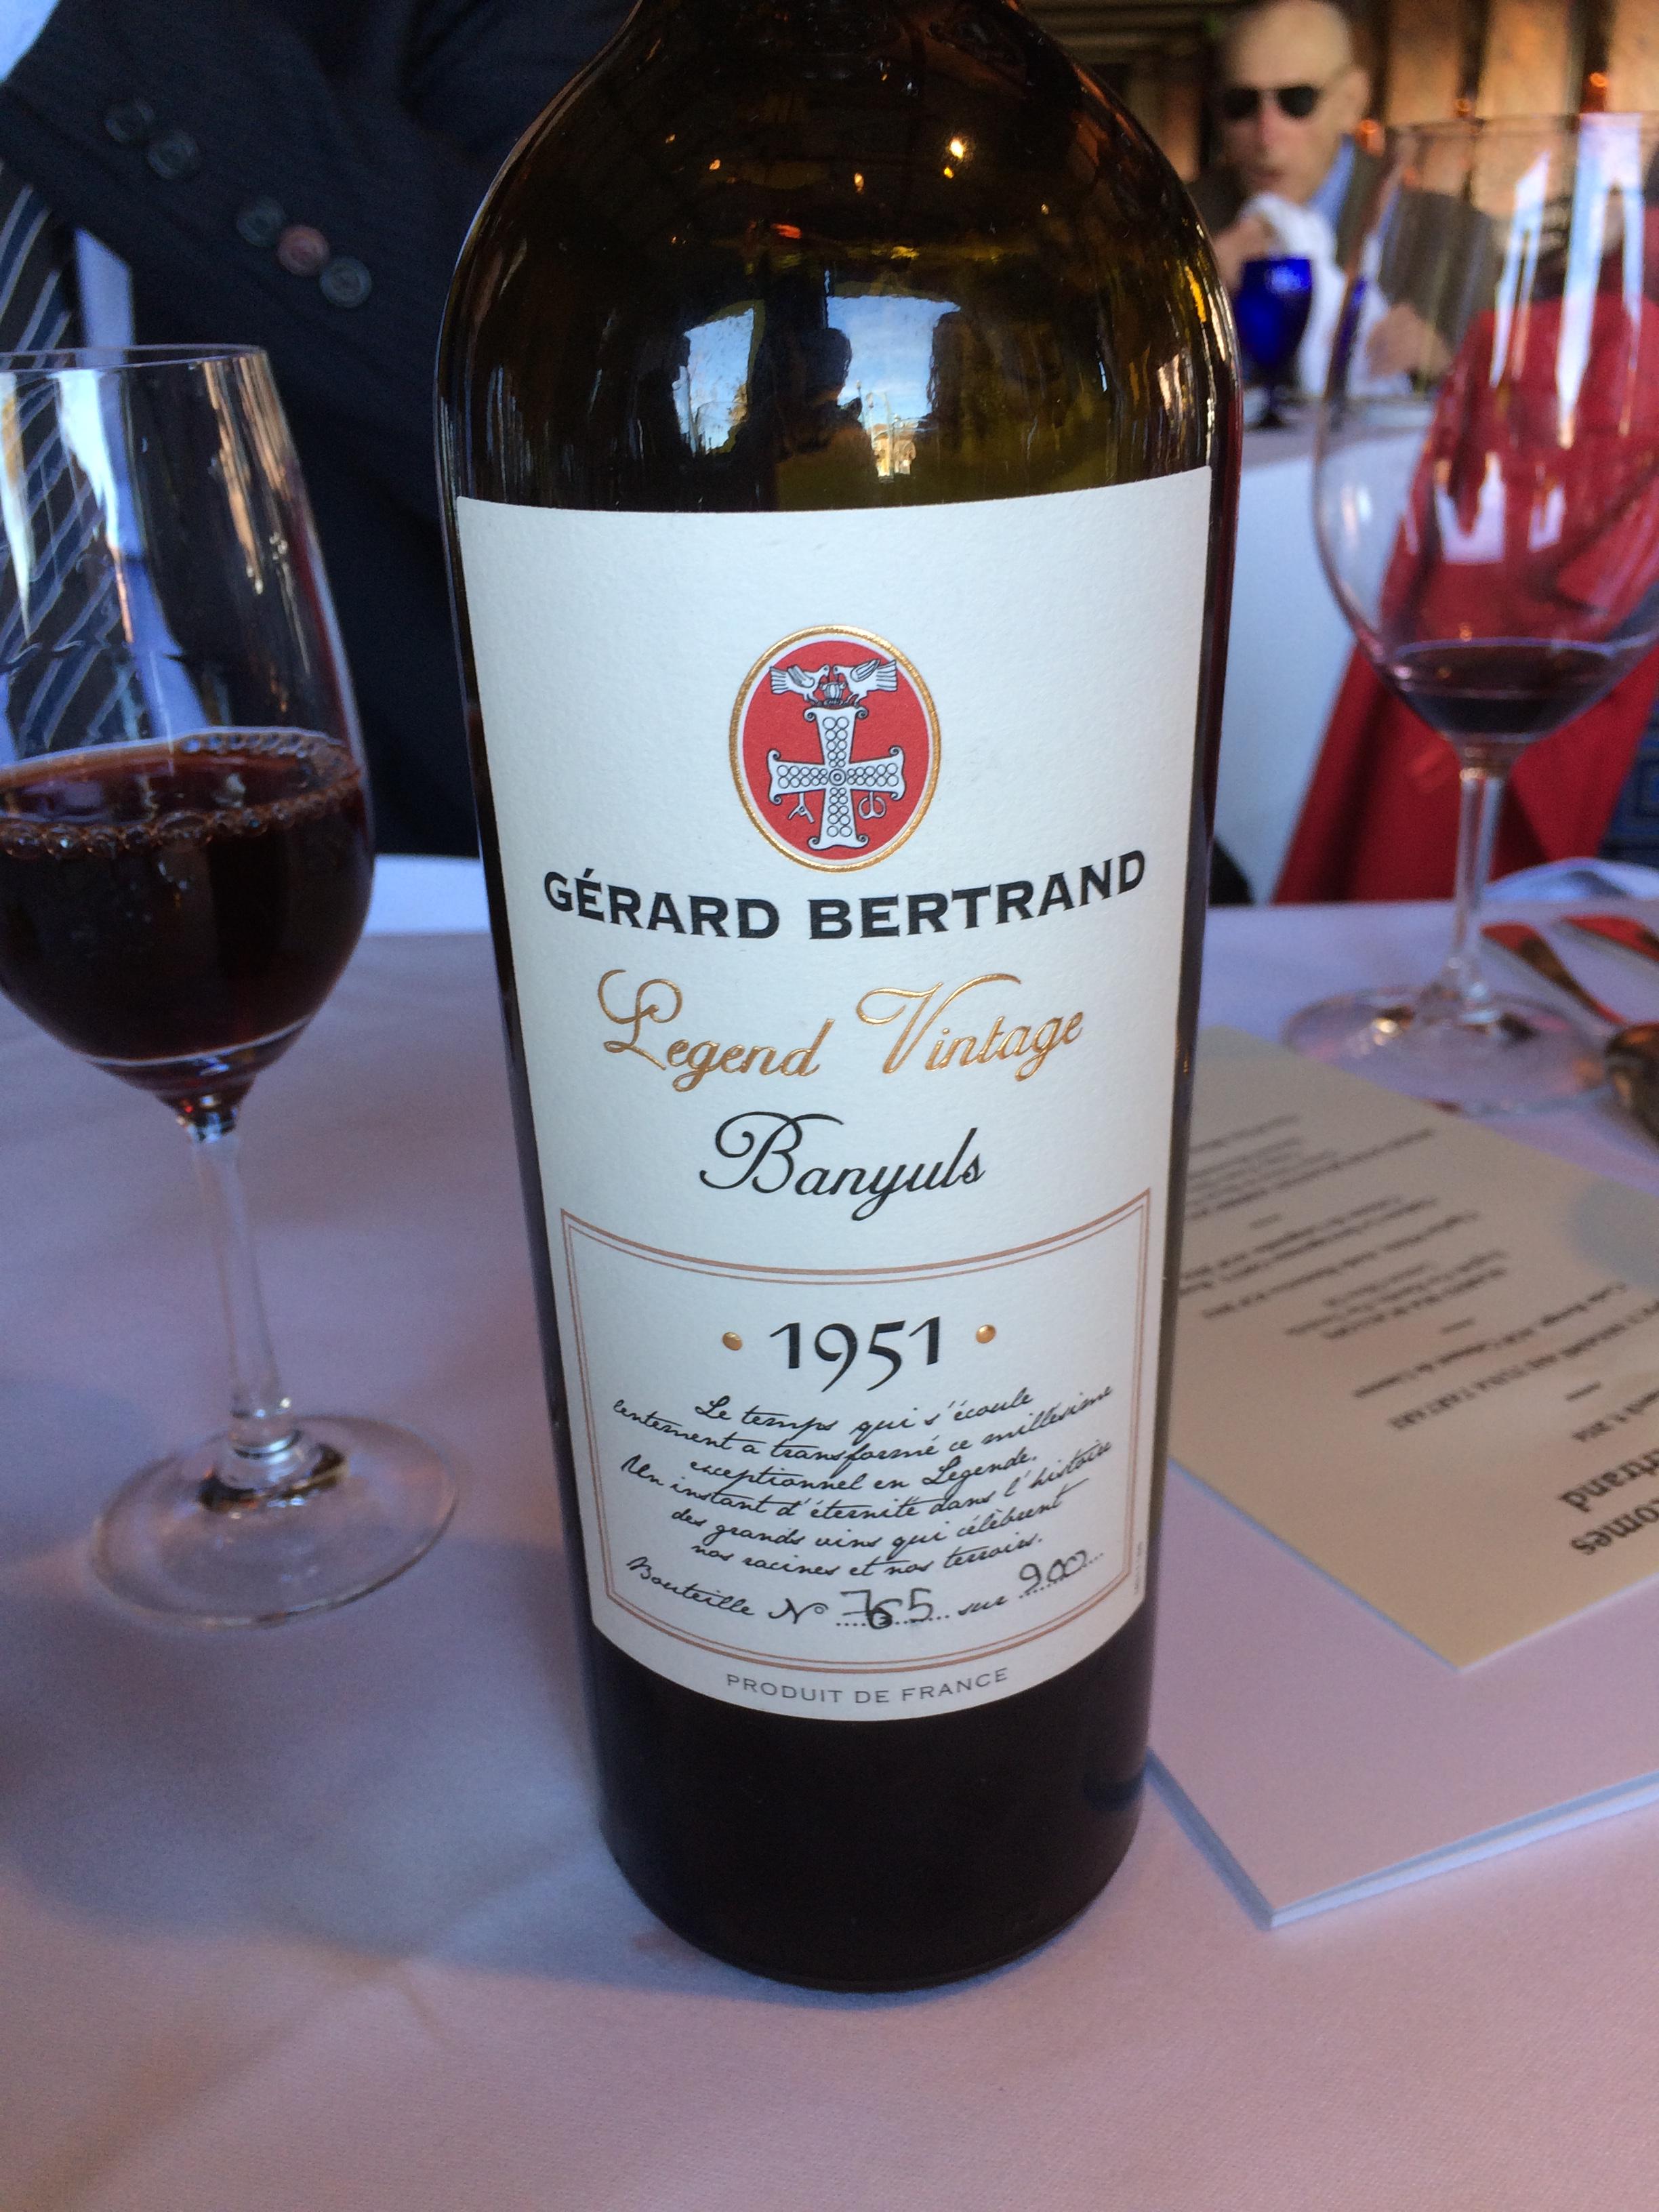 1951Gerard Bertrand Legend Vintage Banyuls Rivesaltes AOP